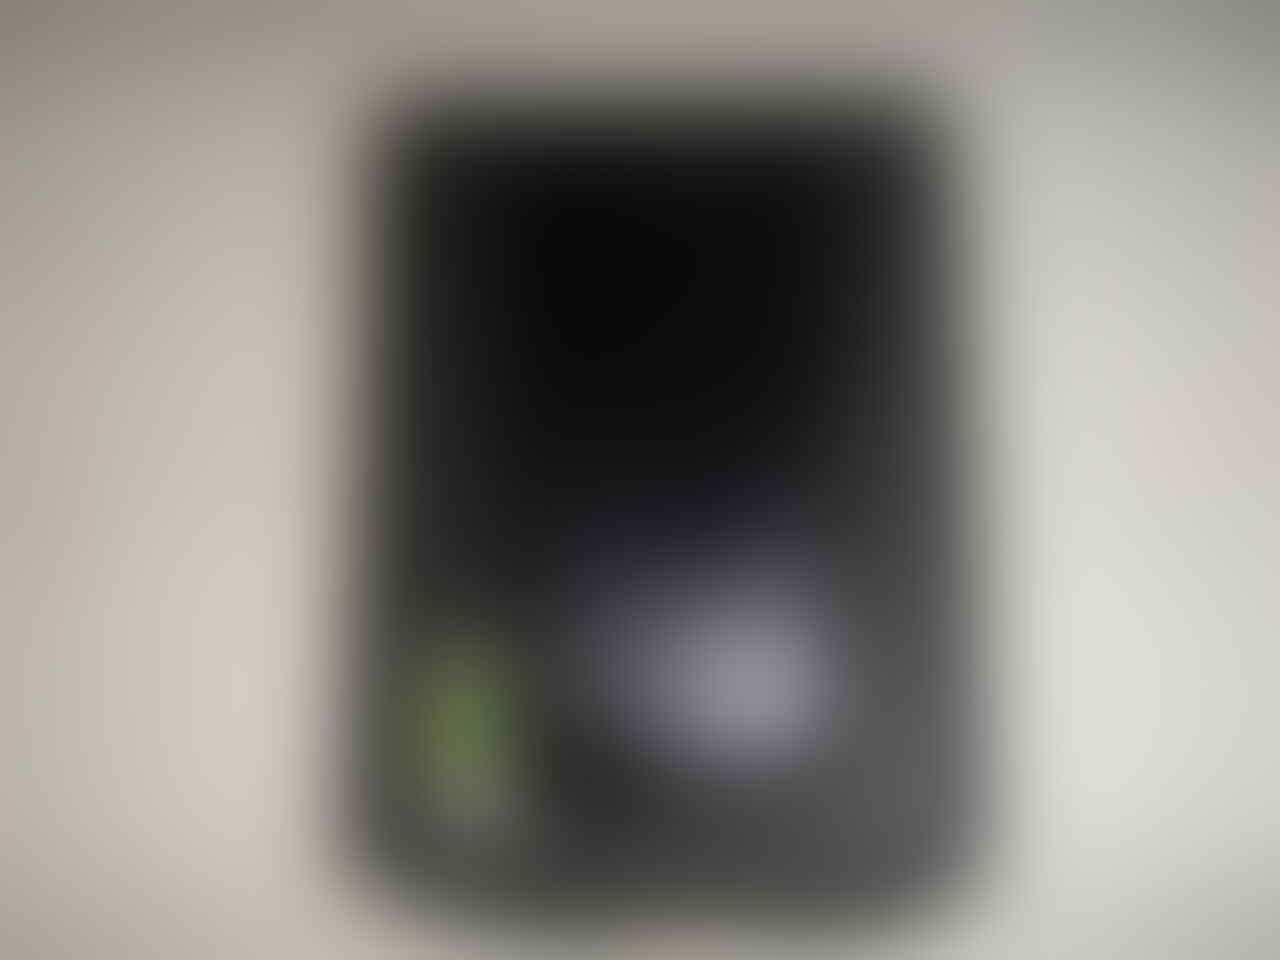 BLACKBERRY MONZA 9850